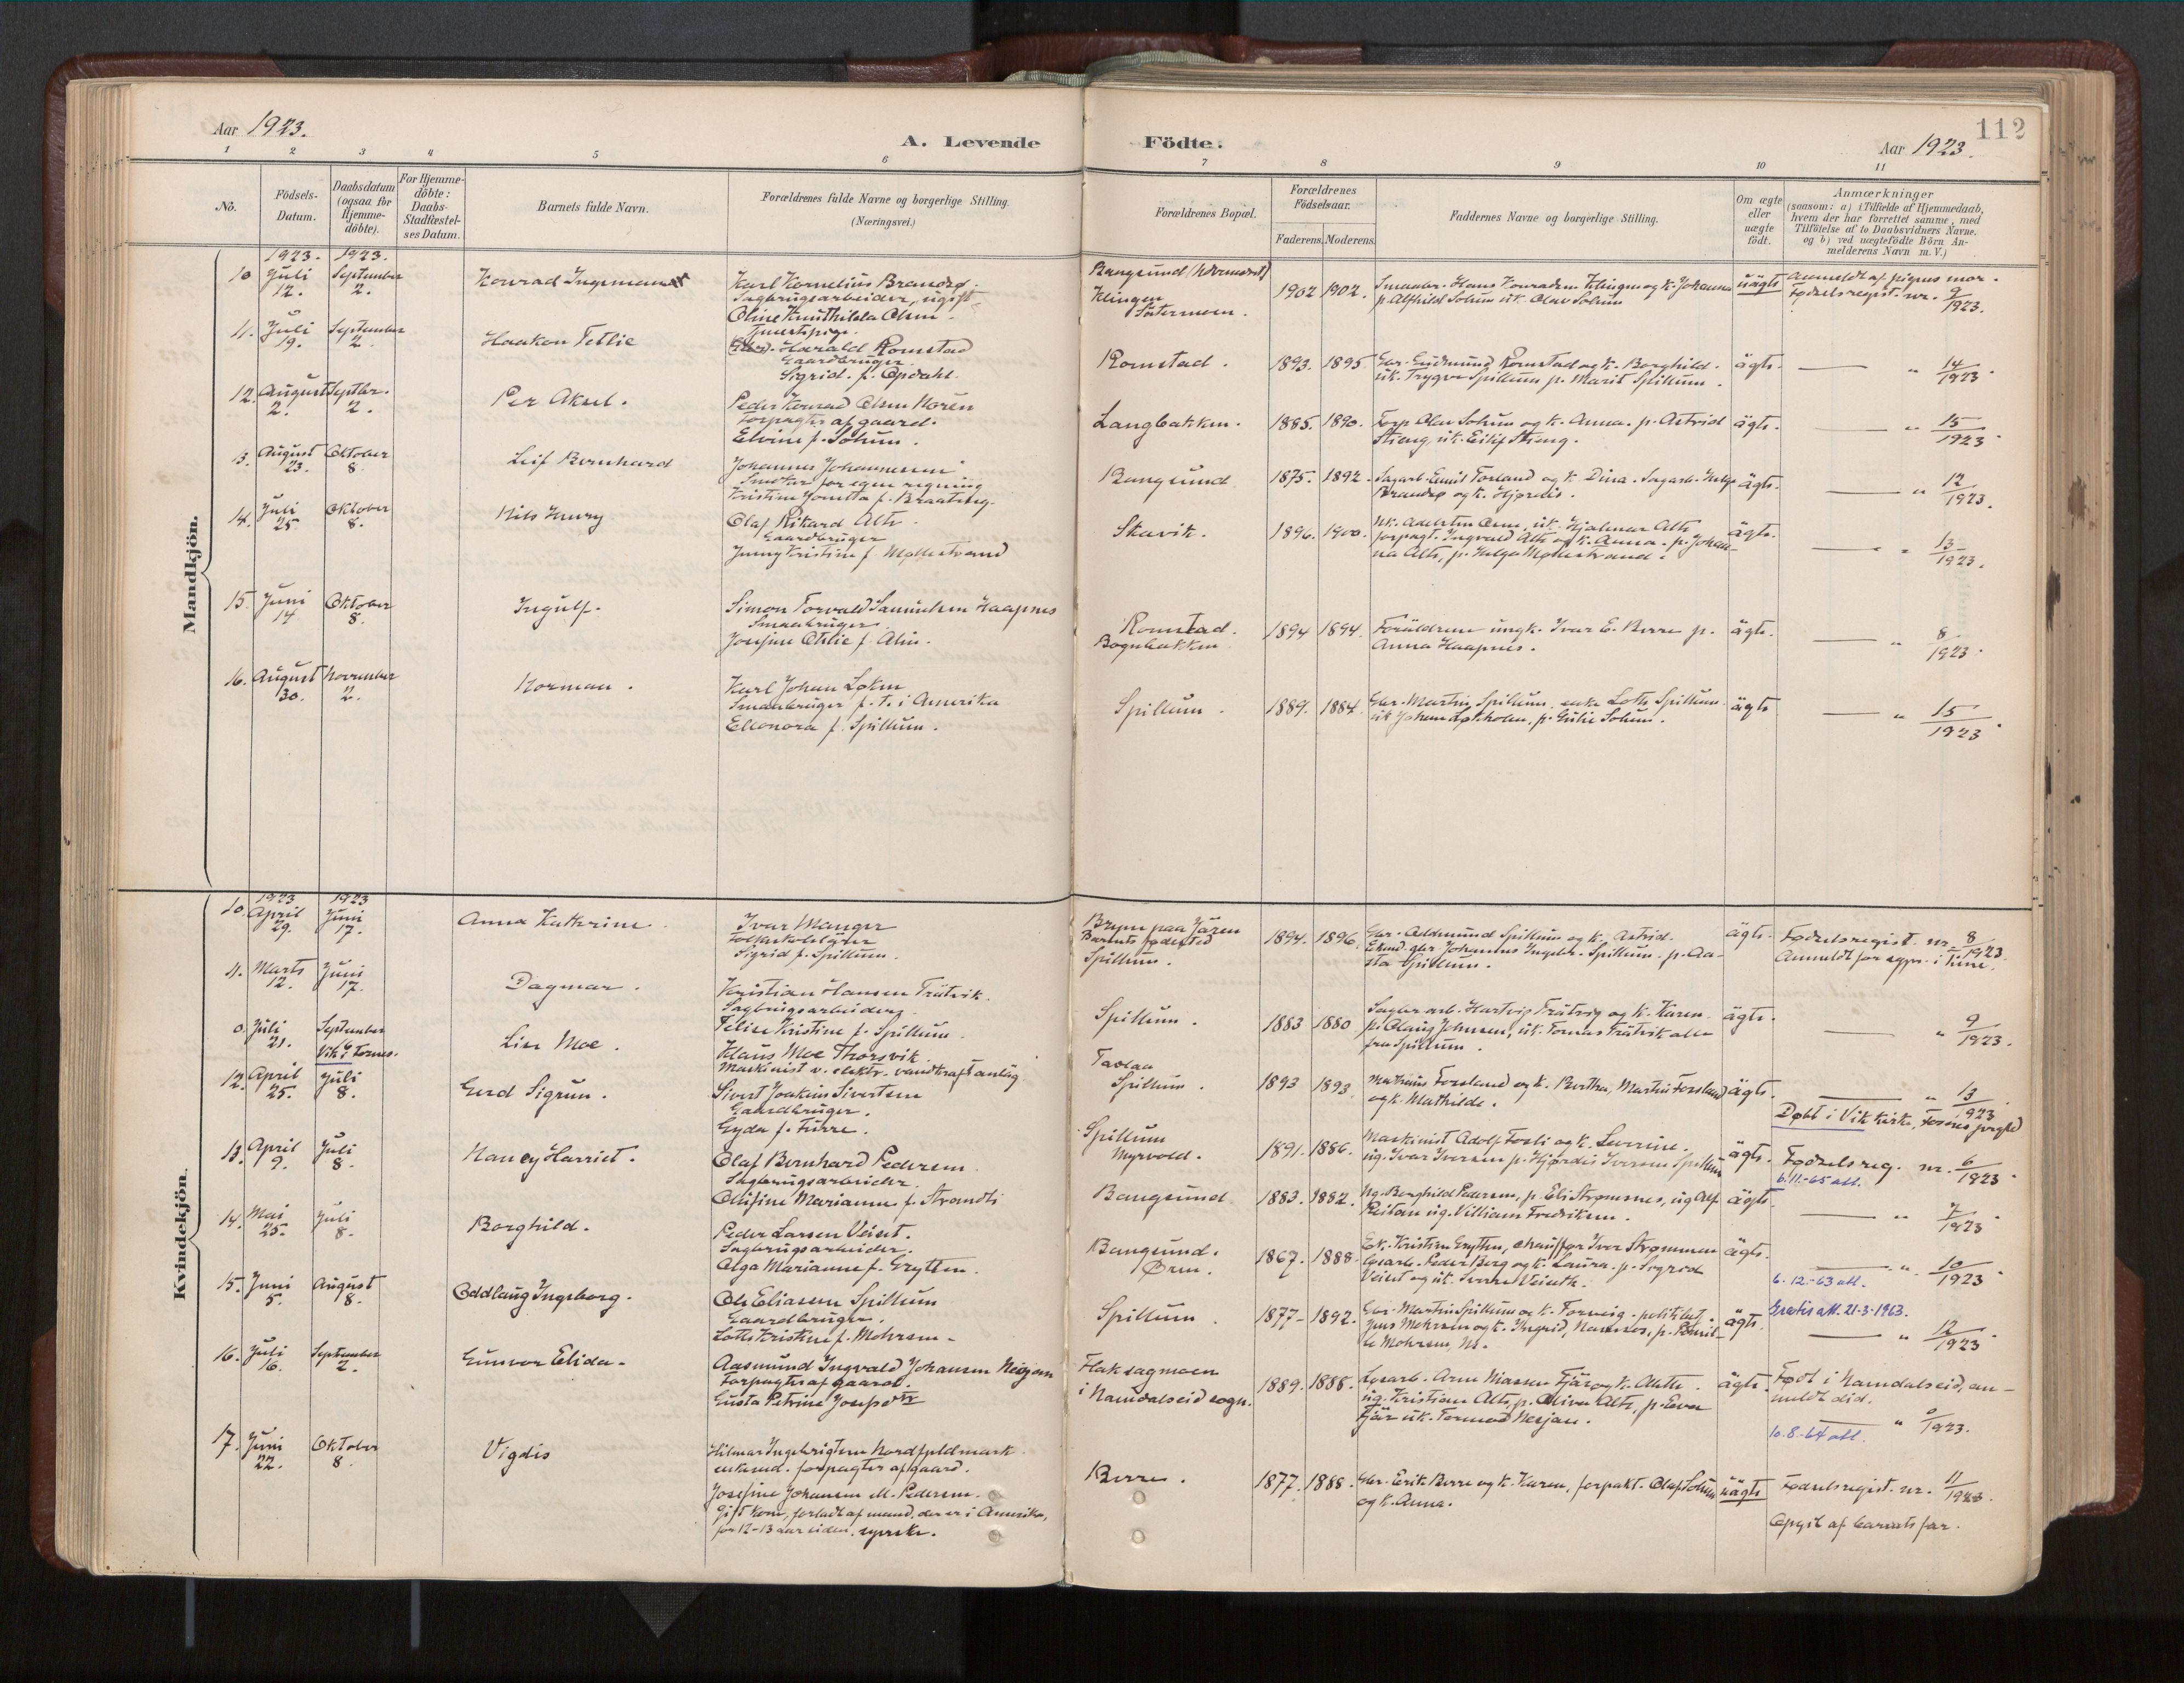 SAT, Ministerialprotokoller, klokkerbøker og fødselsregistre - Nord-Trøndelag, 770/L0589: Ministerialbok nr. 770A03, 1887-1929, s. 112